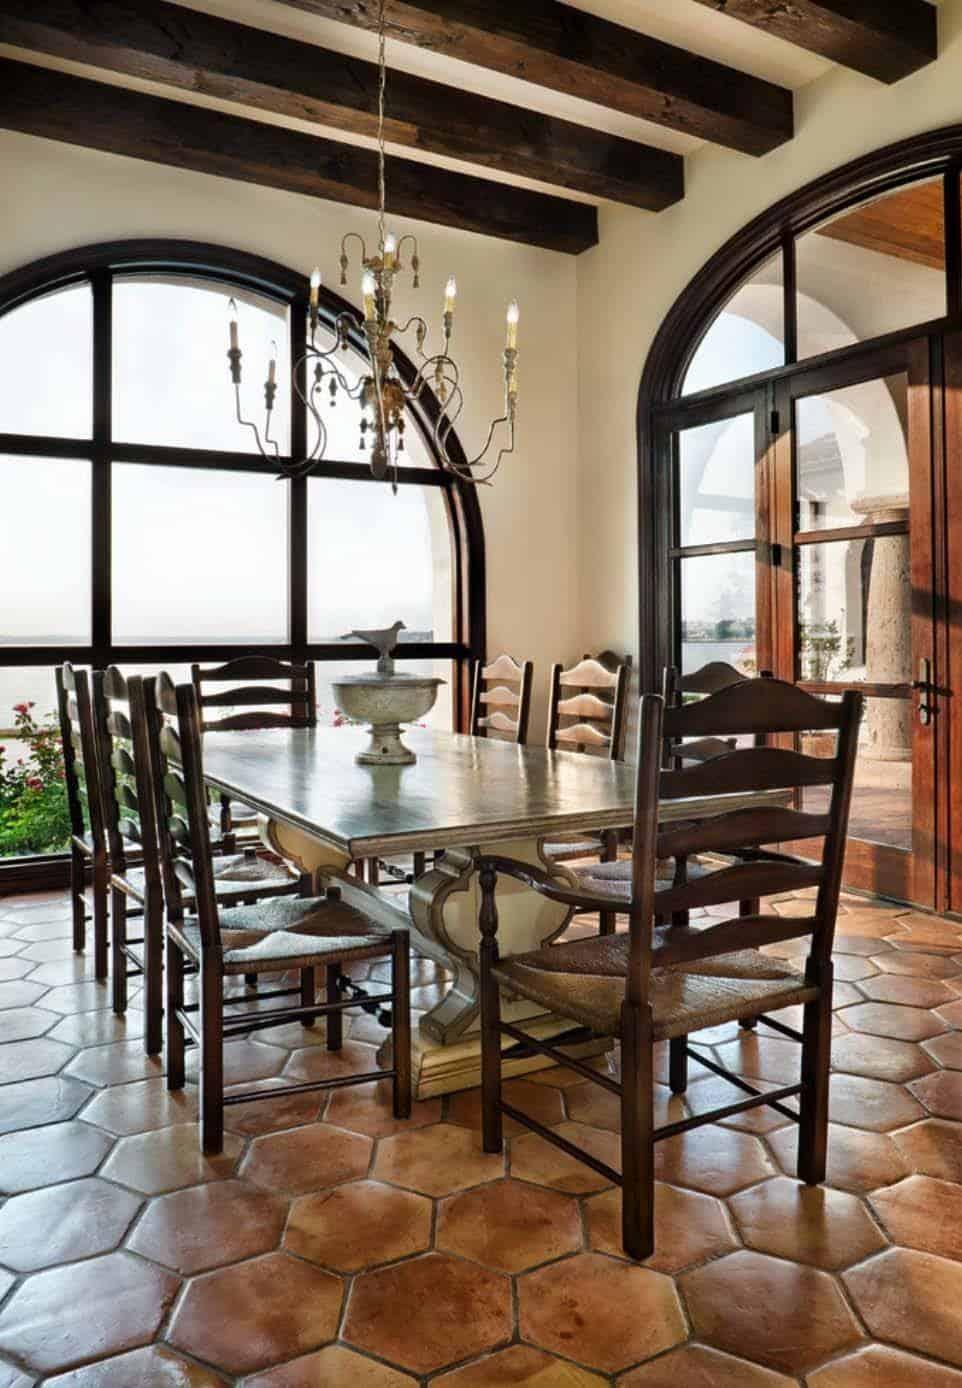 Dining Room-JAUREGUI Architecture Interiors-1 Kindesign